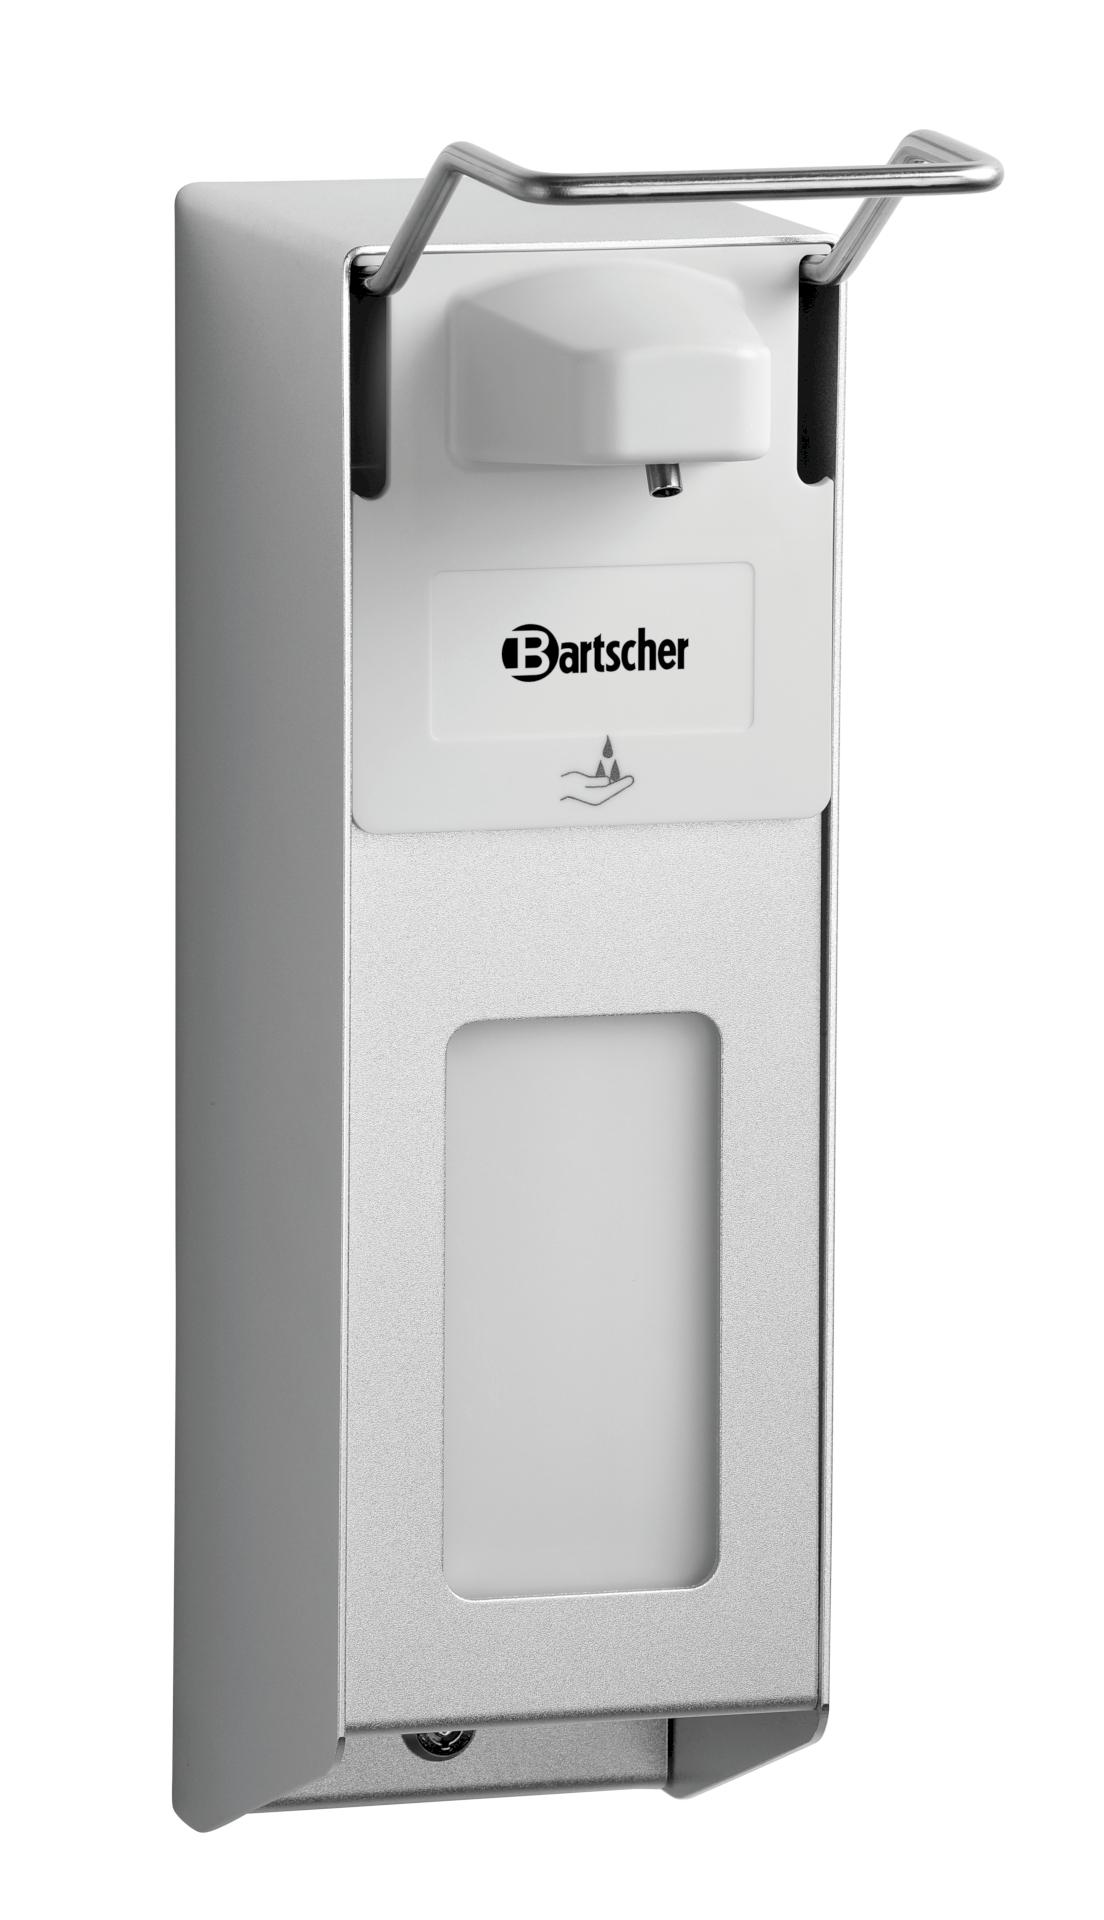 Bartscher Seifenspender PS 1L-W